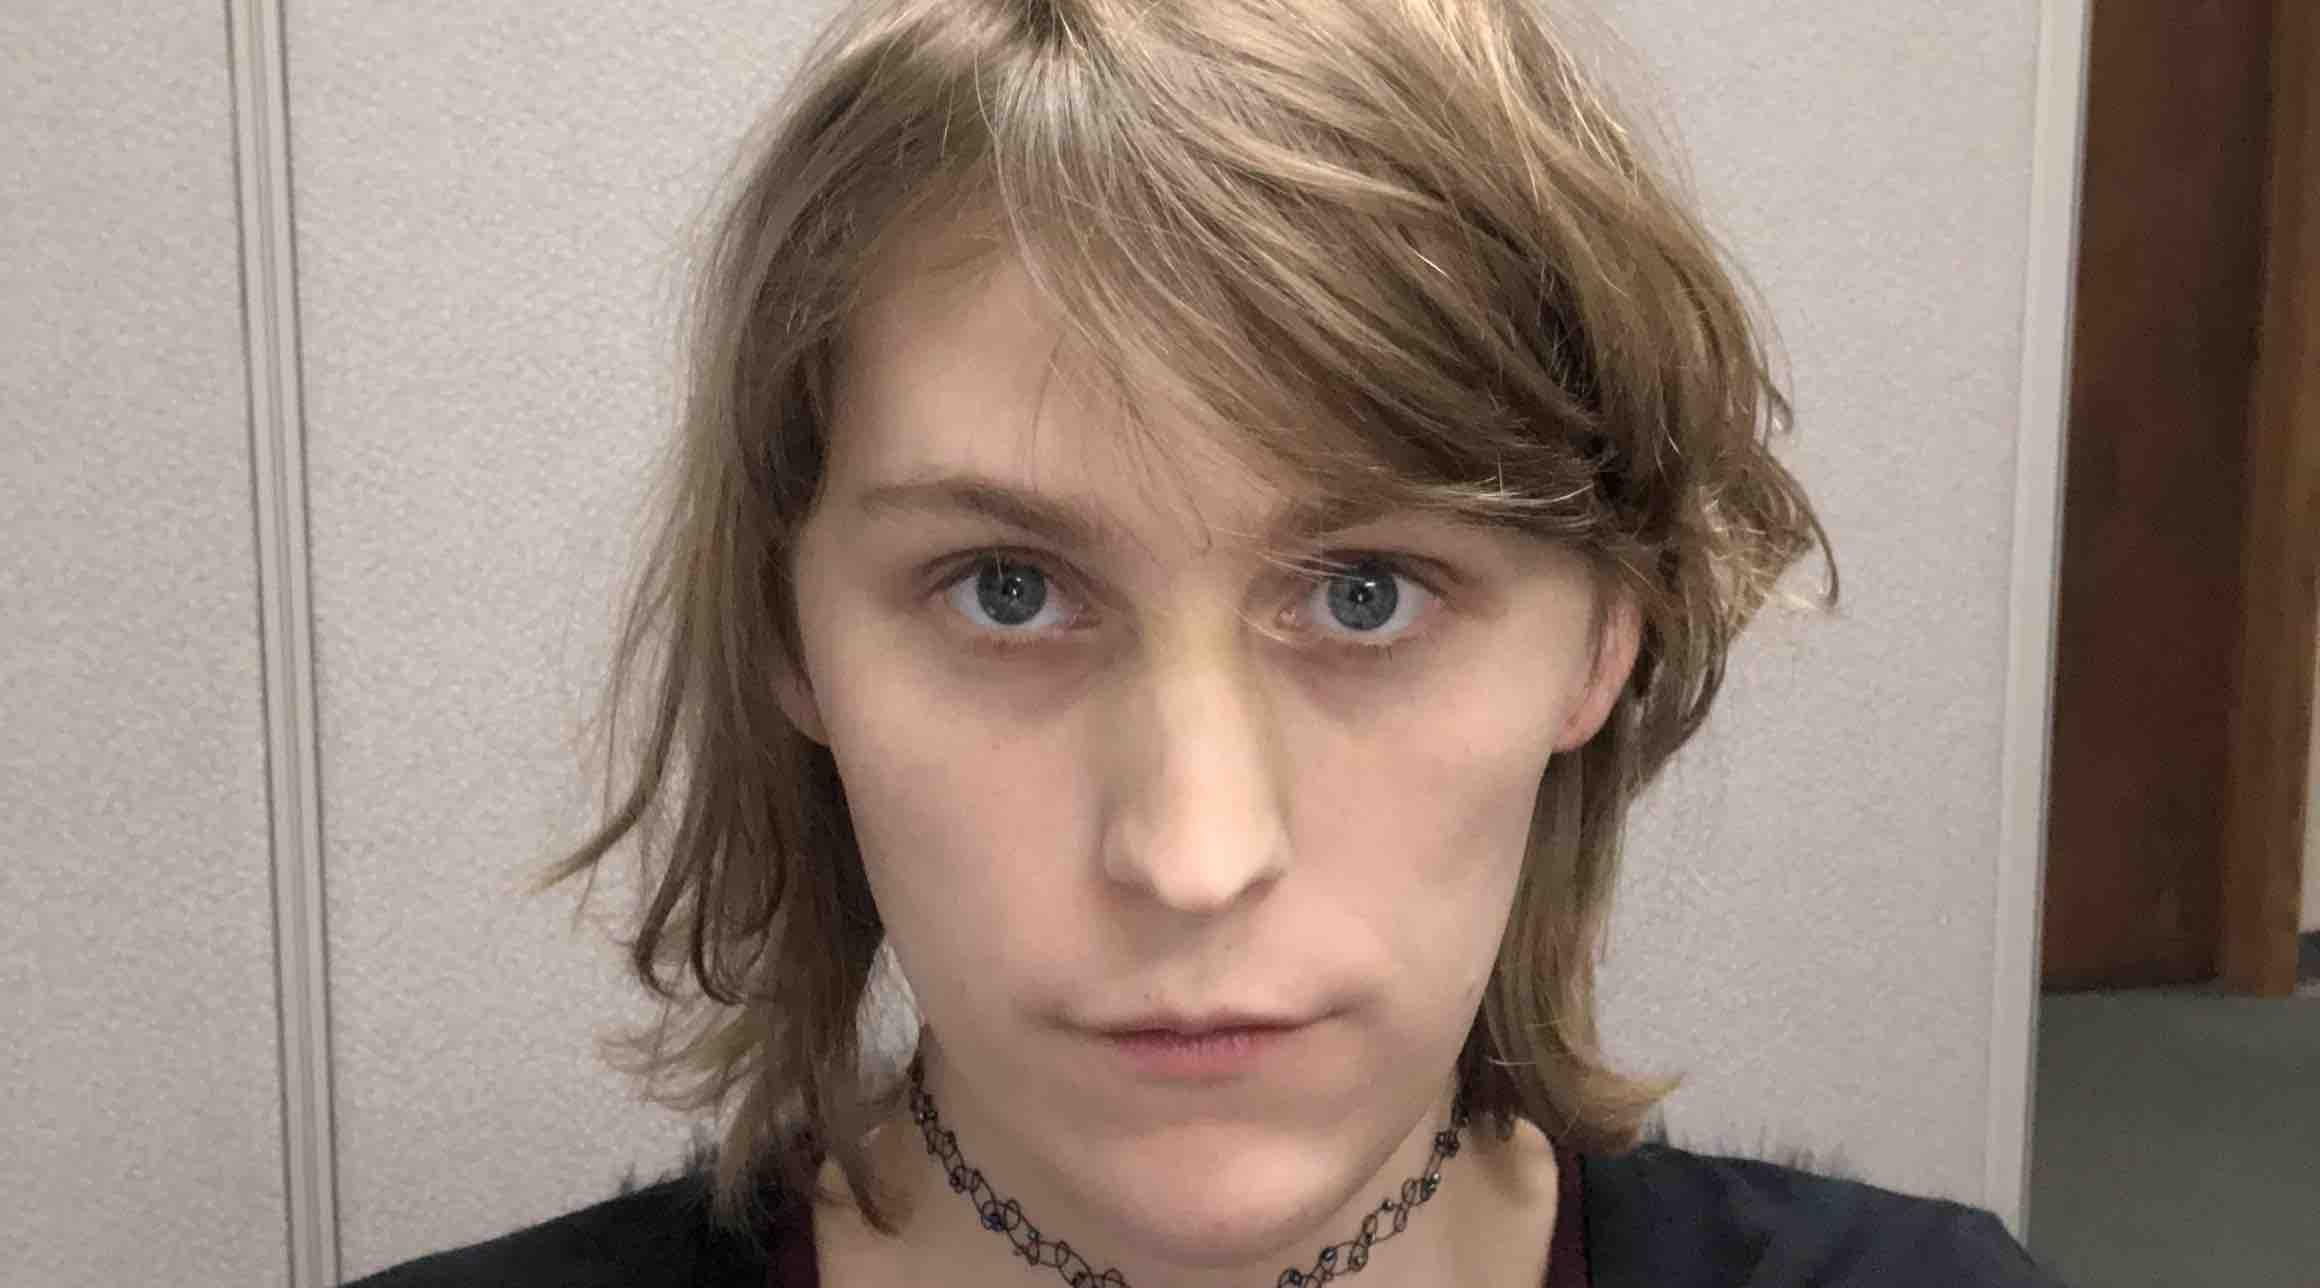 Boy receives facial feminization pic 661